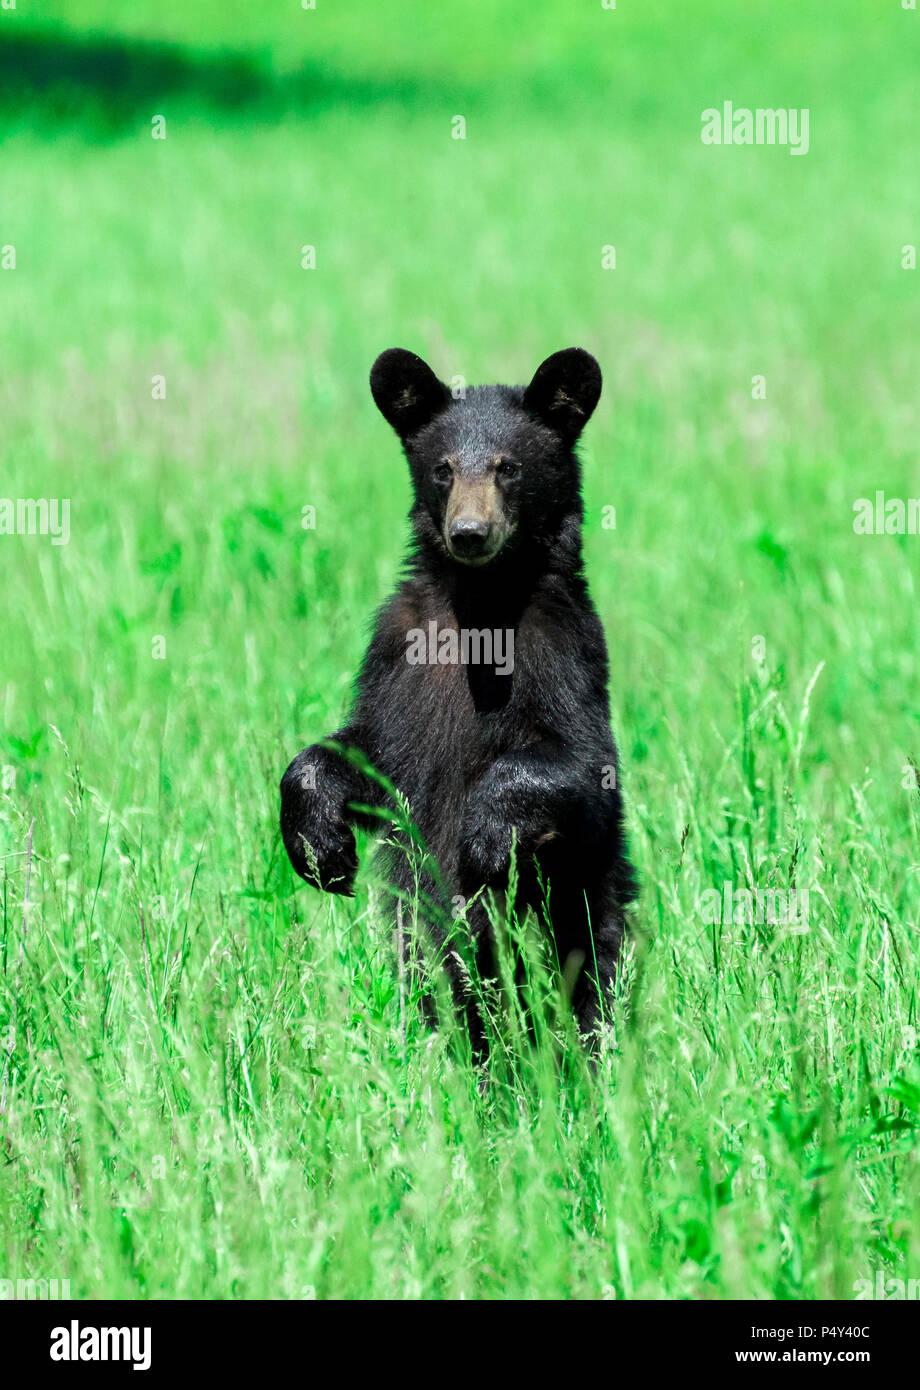 Disparo vertical de un oso negro norteamericano de pie en un campo verde mirando hacia la cámara. Imagen De Stock